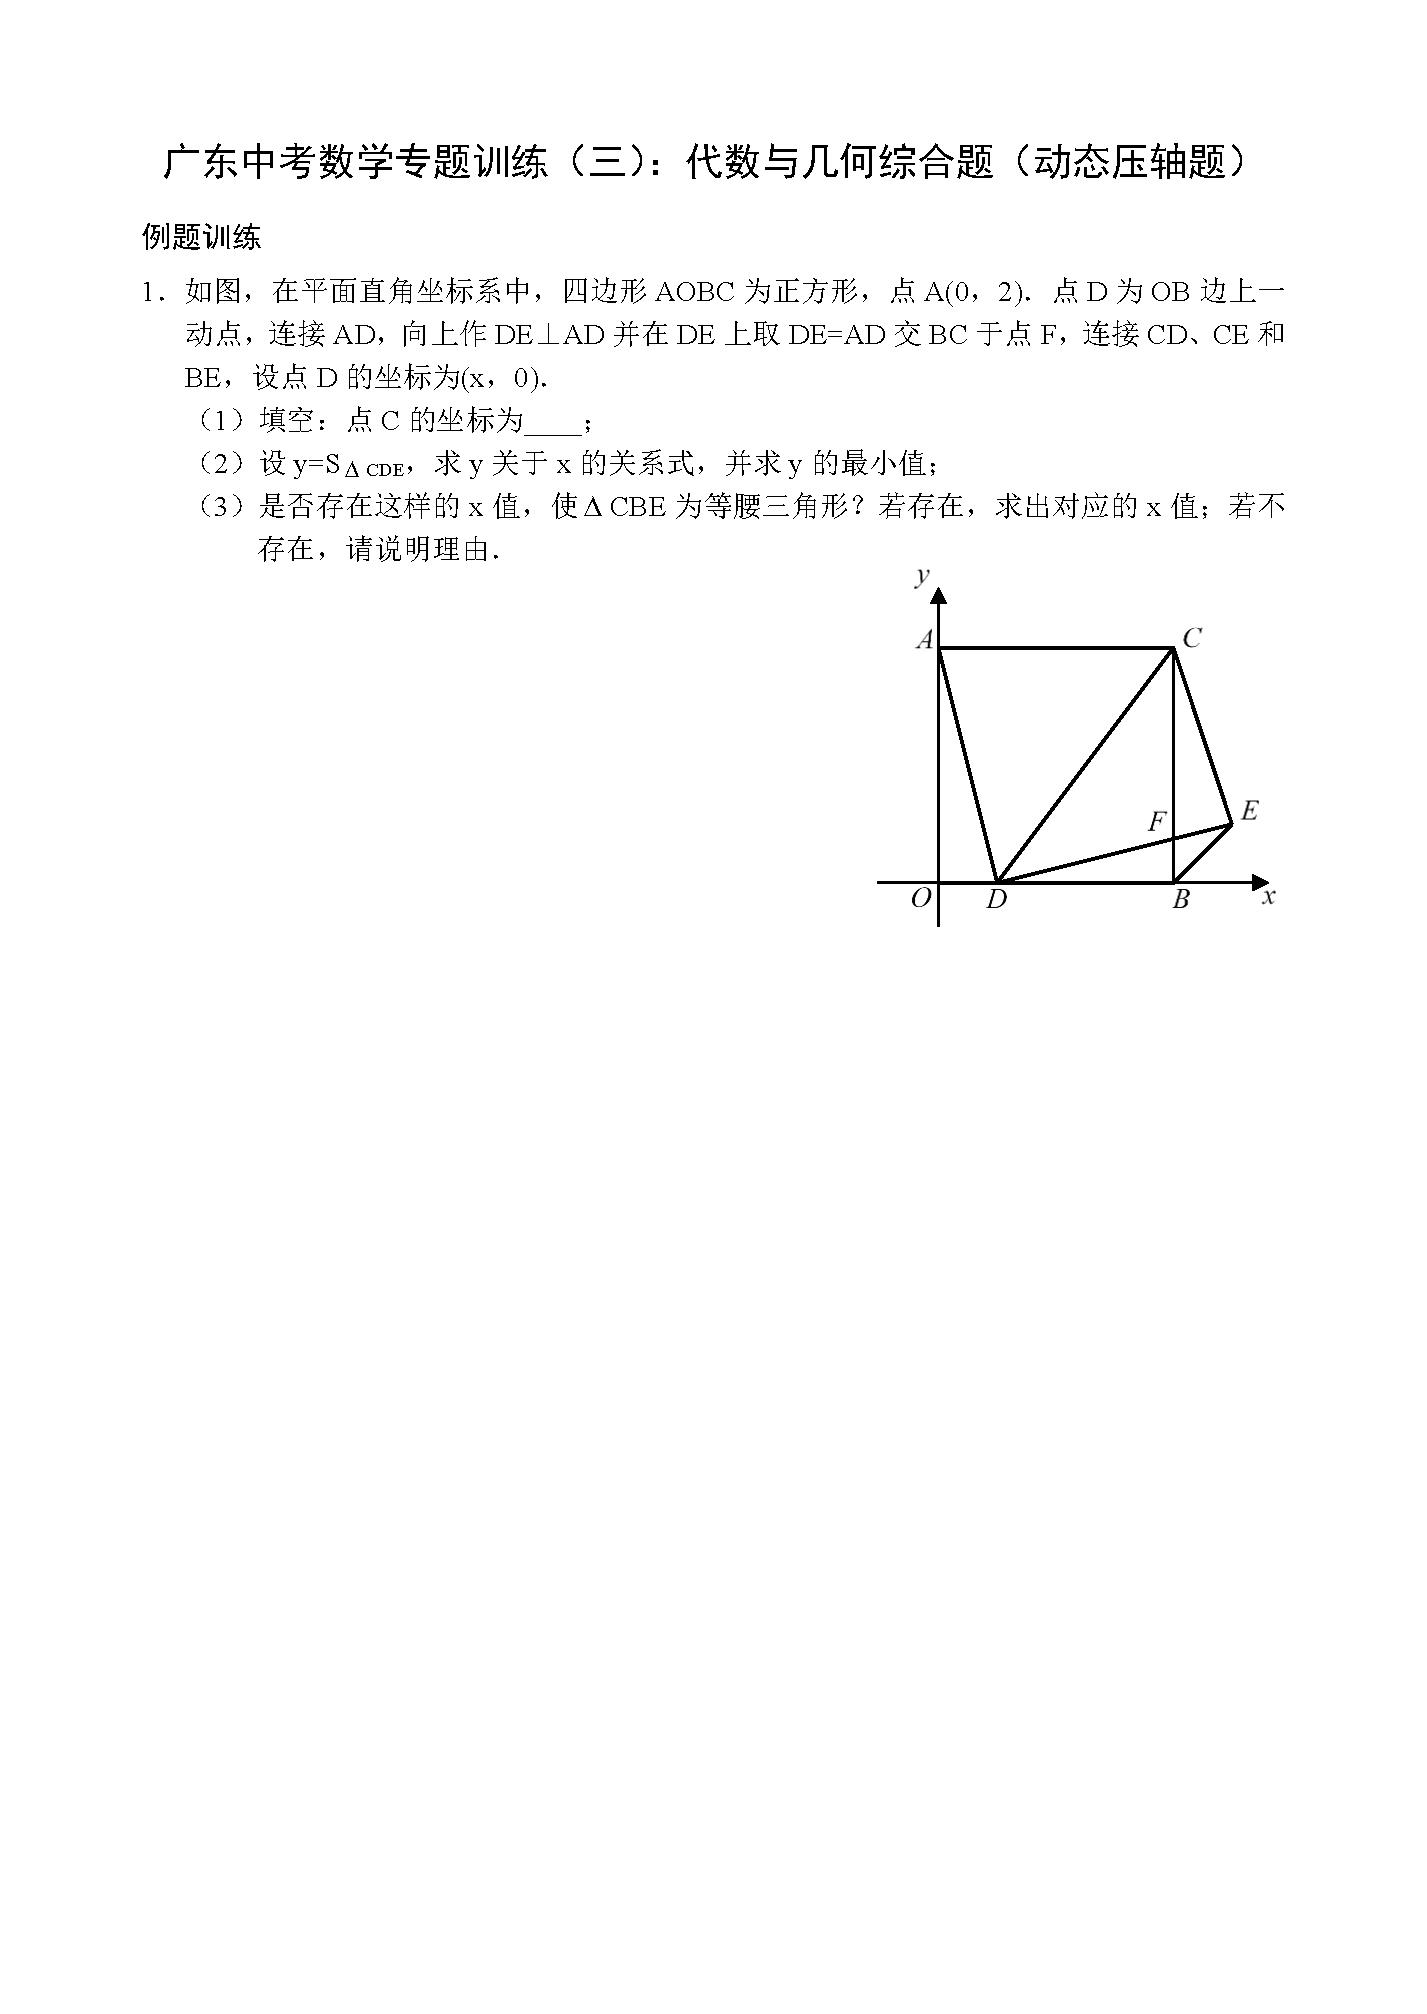 初中数学几何综合题_2018年中考数学压轴题之代数与几何综合题(图片版)_中考数学